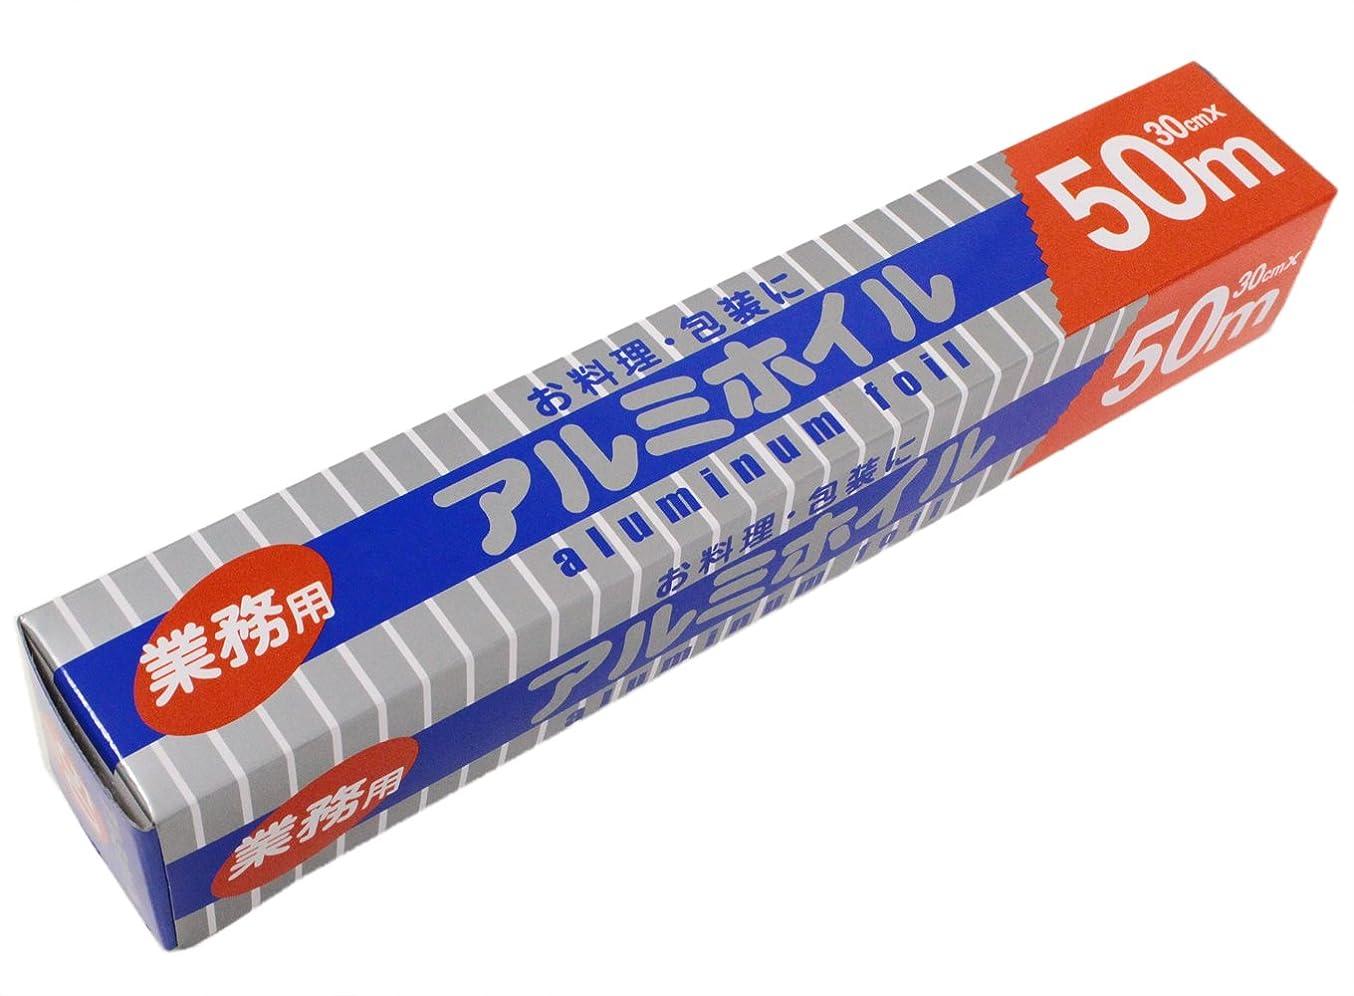 なくなる感じデンマーク【業務用】 厚めの13ミクロン アルミホイル (30cm×50m巻)